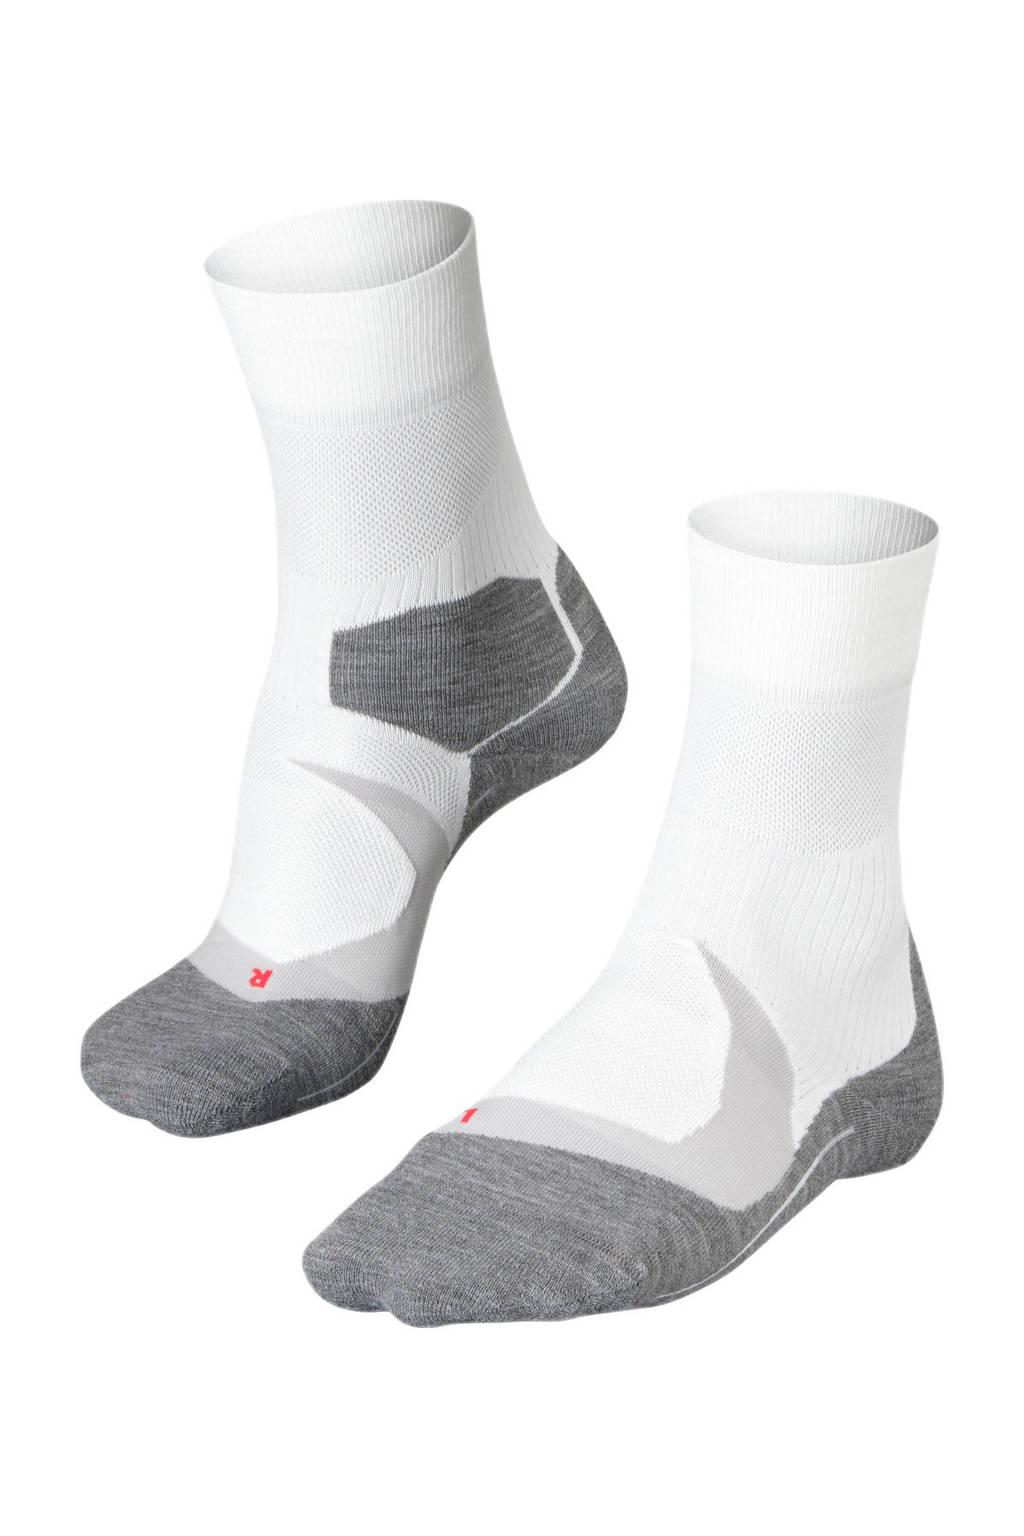 FALKE RU4 Cool runningsokken wit, Wit.grijs